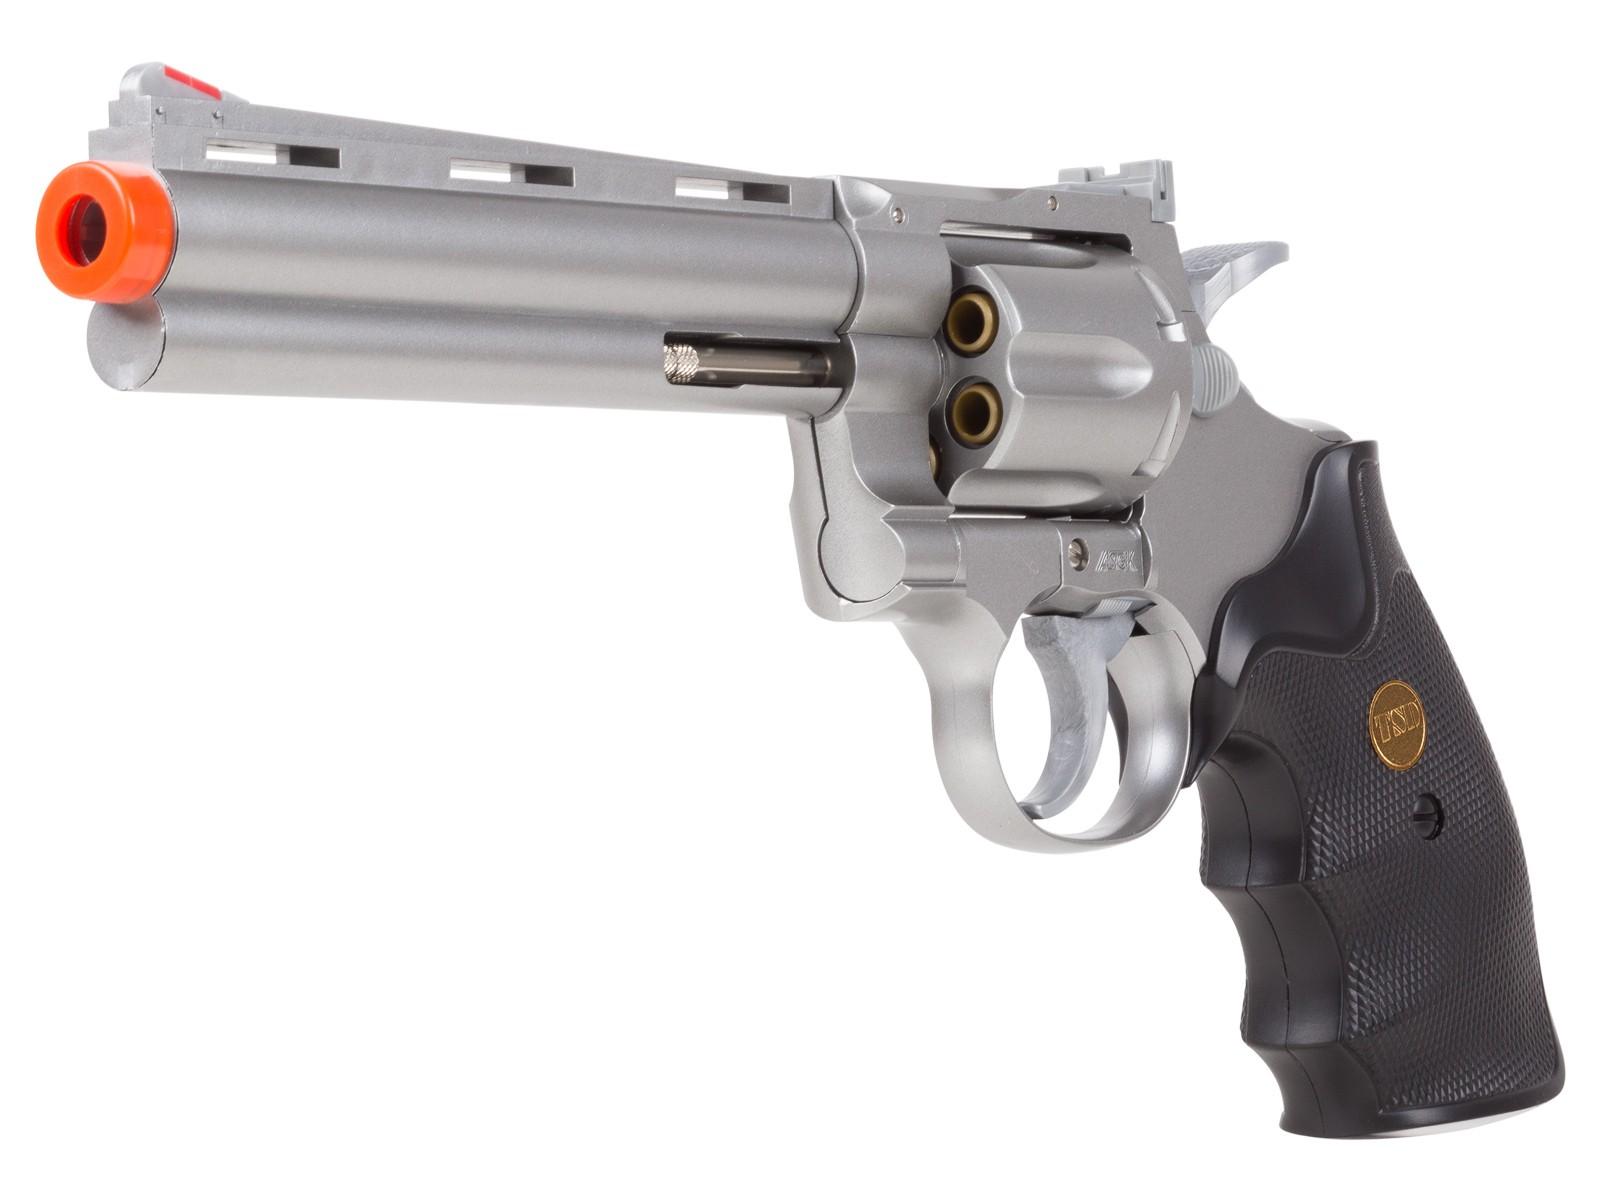 TSD_938_UHC_6_inch_revolver_Silver_6mm